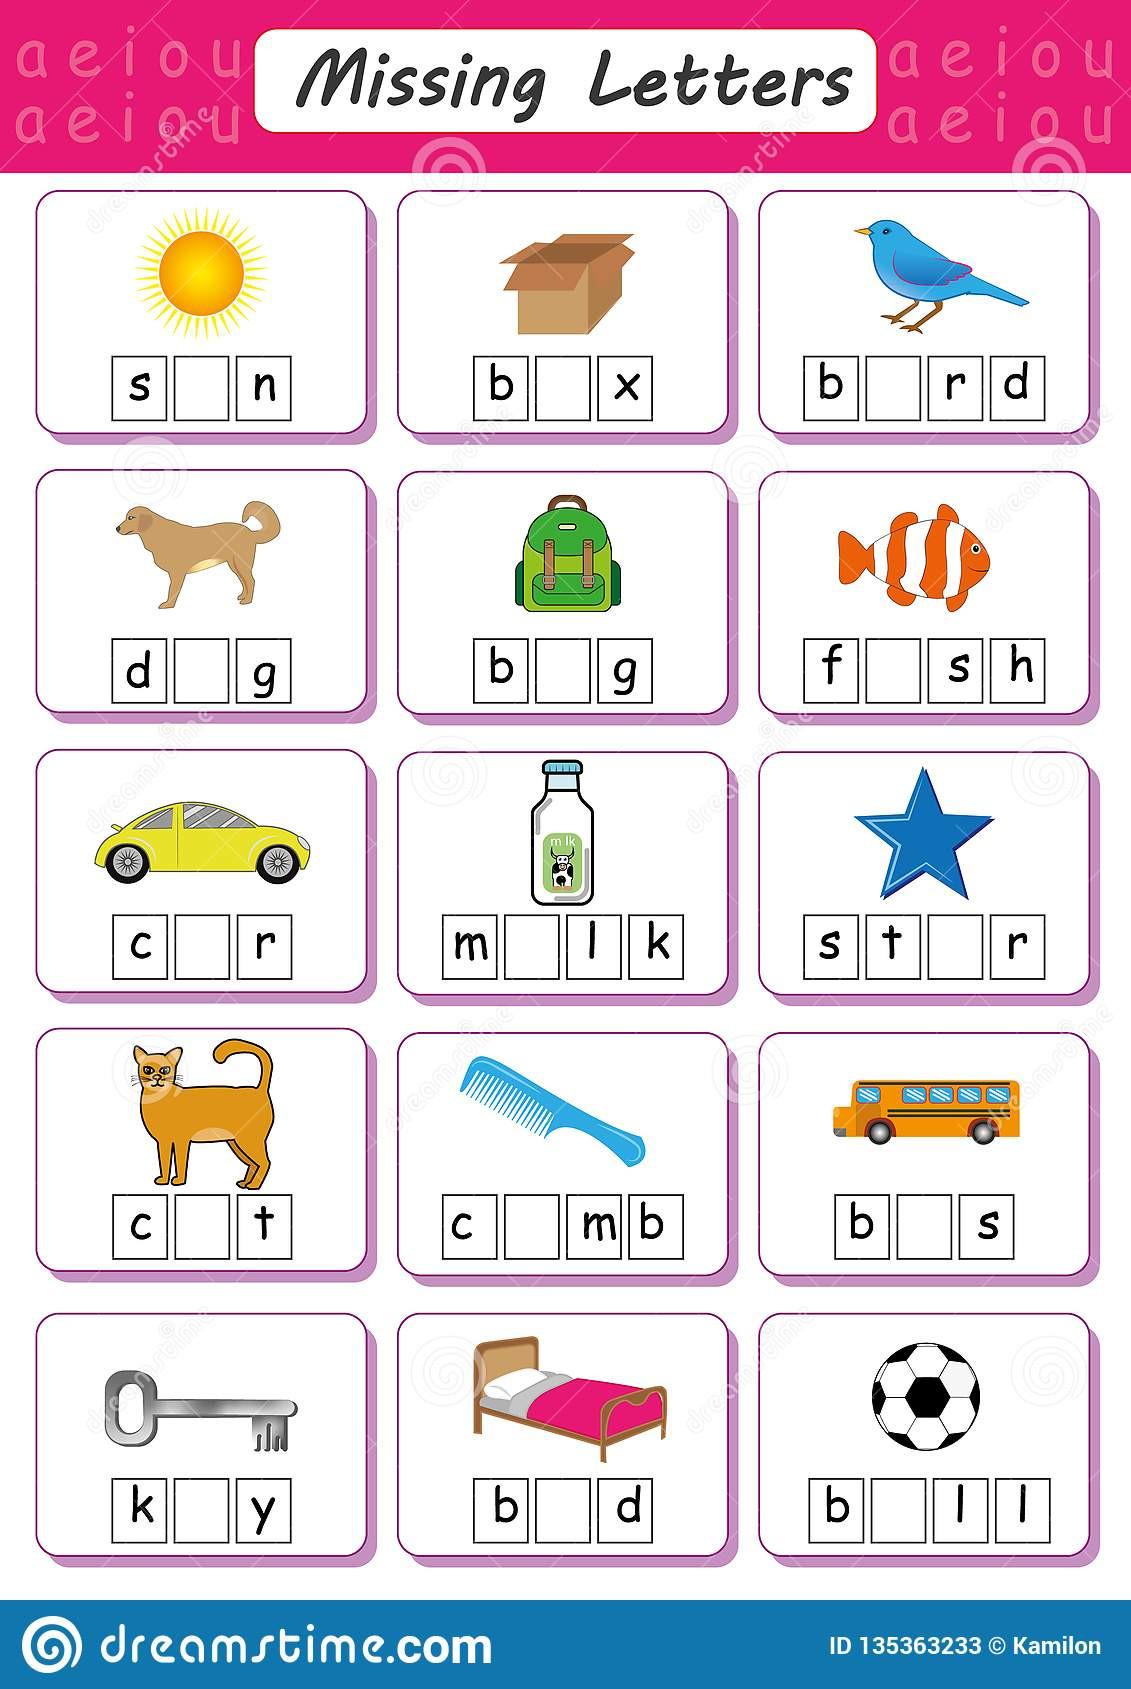 Missing Letters Worksheets for Kindergarten Write Missing Letter Write the Missing Vowel Worksheet for